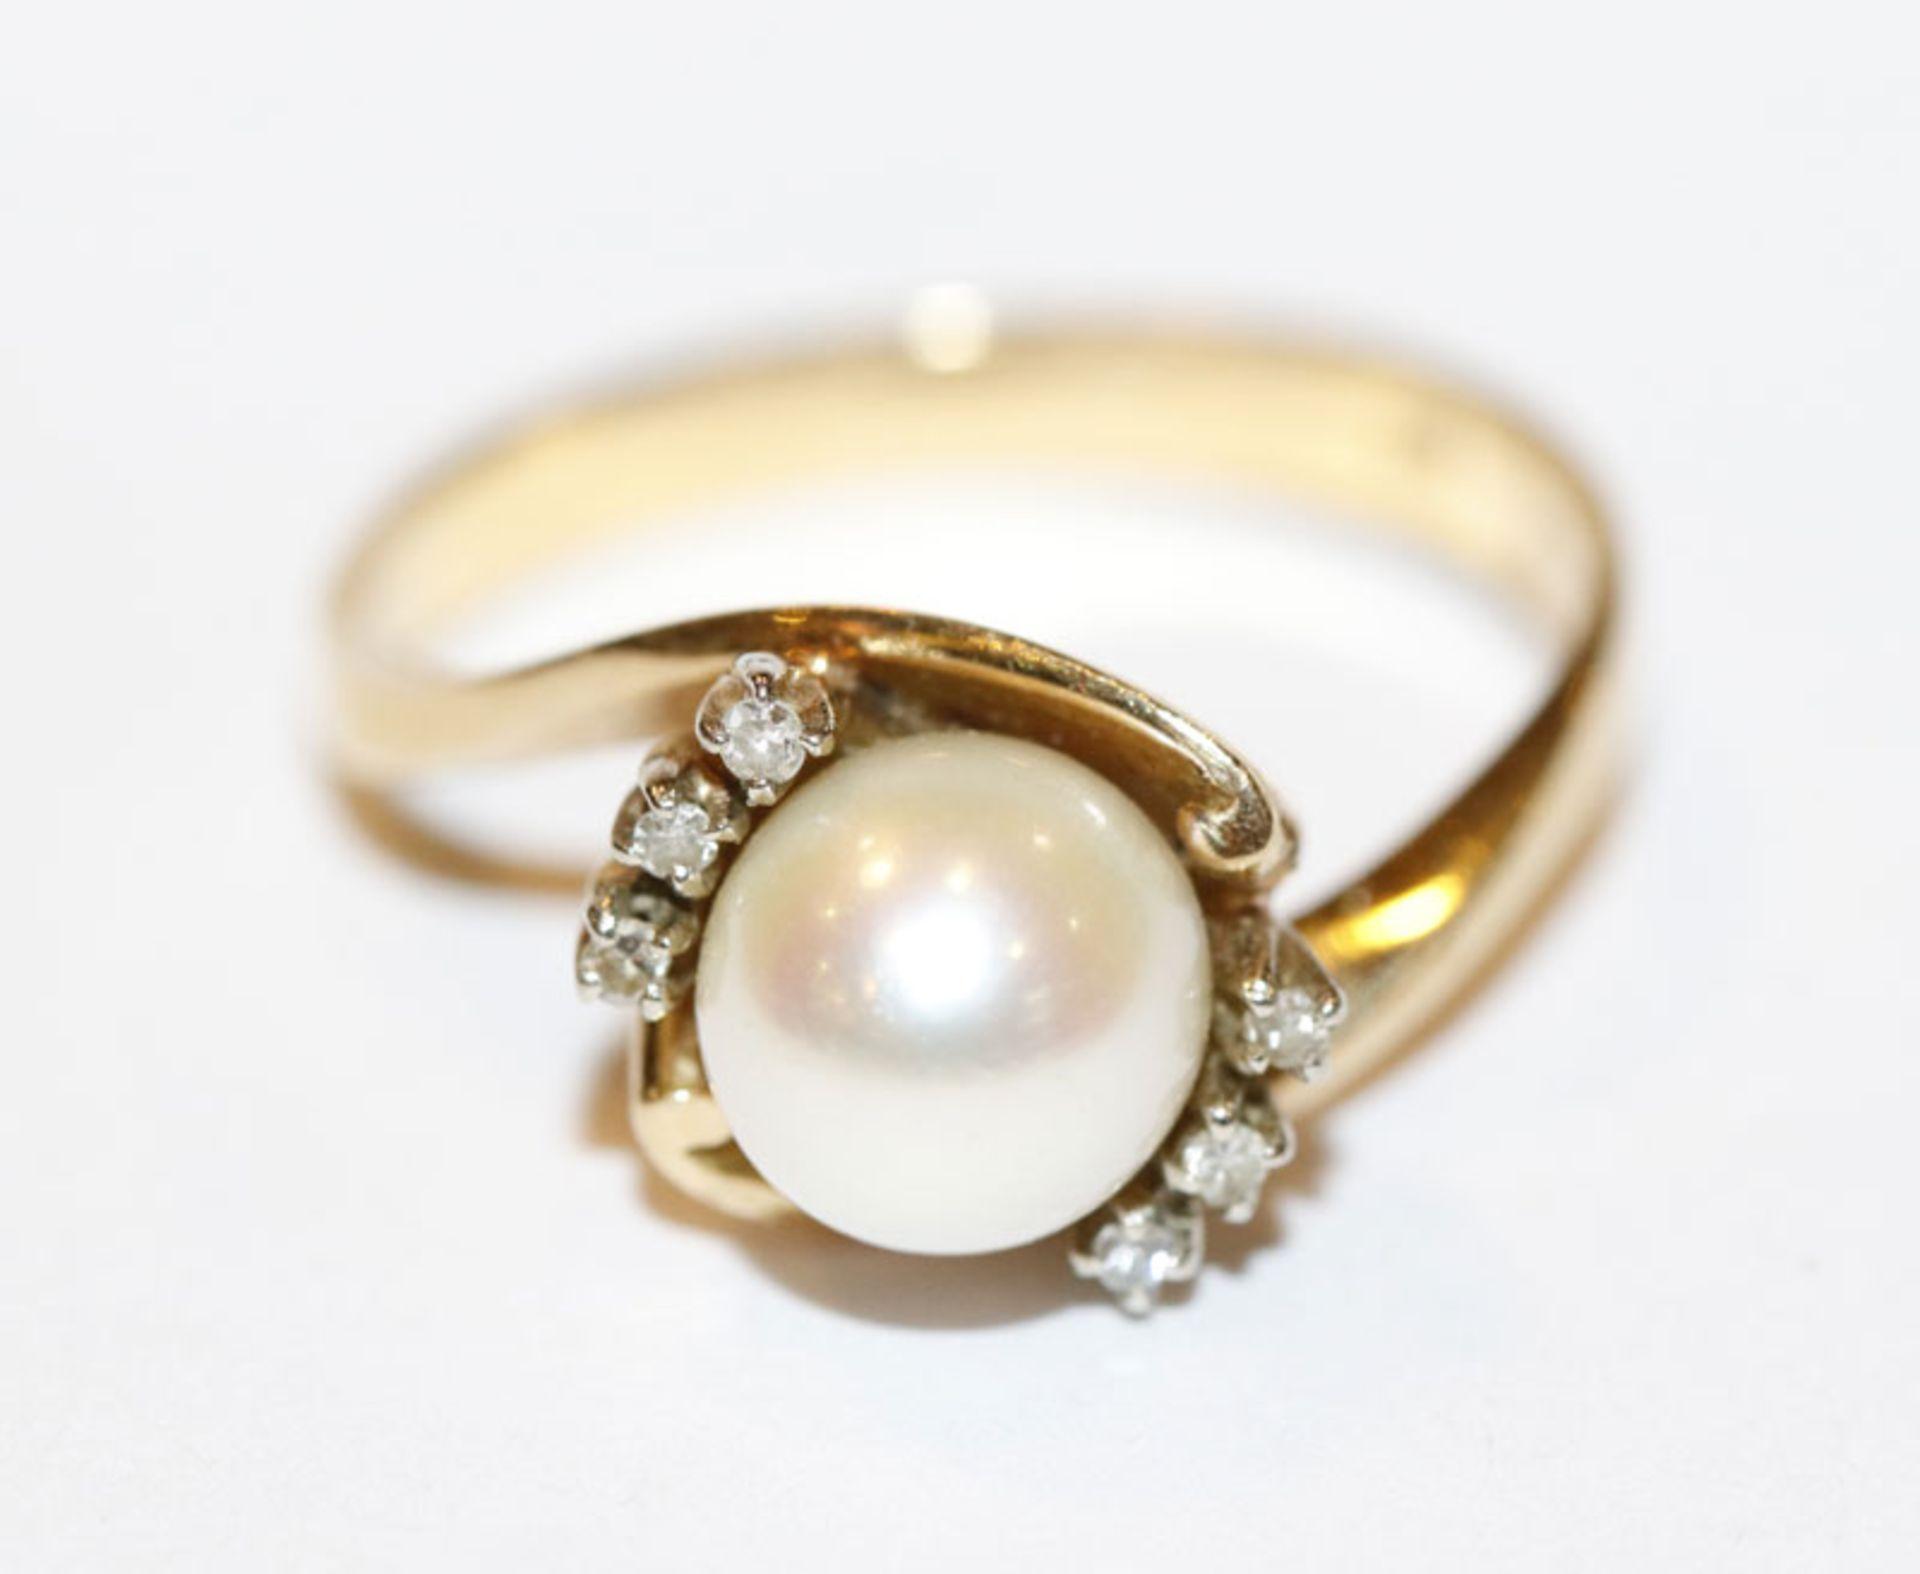 18 k Gelbgold Ring mit Perle und 6 in Weißgold gefaßten Diamanten, 4,2 gr., Gr. 54